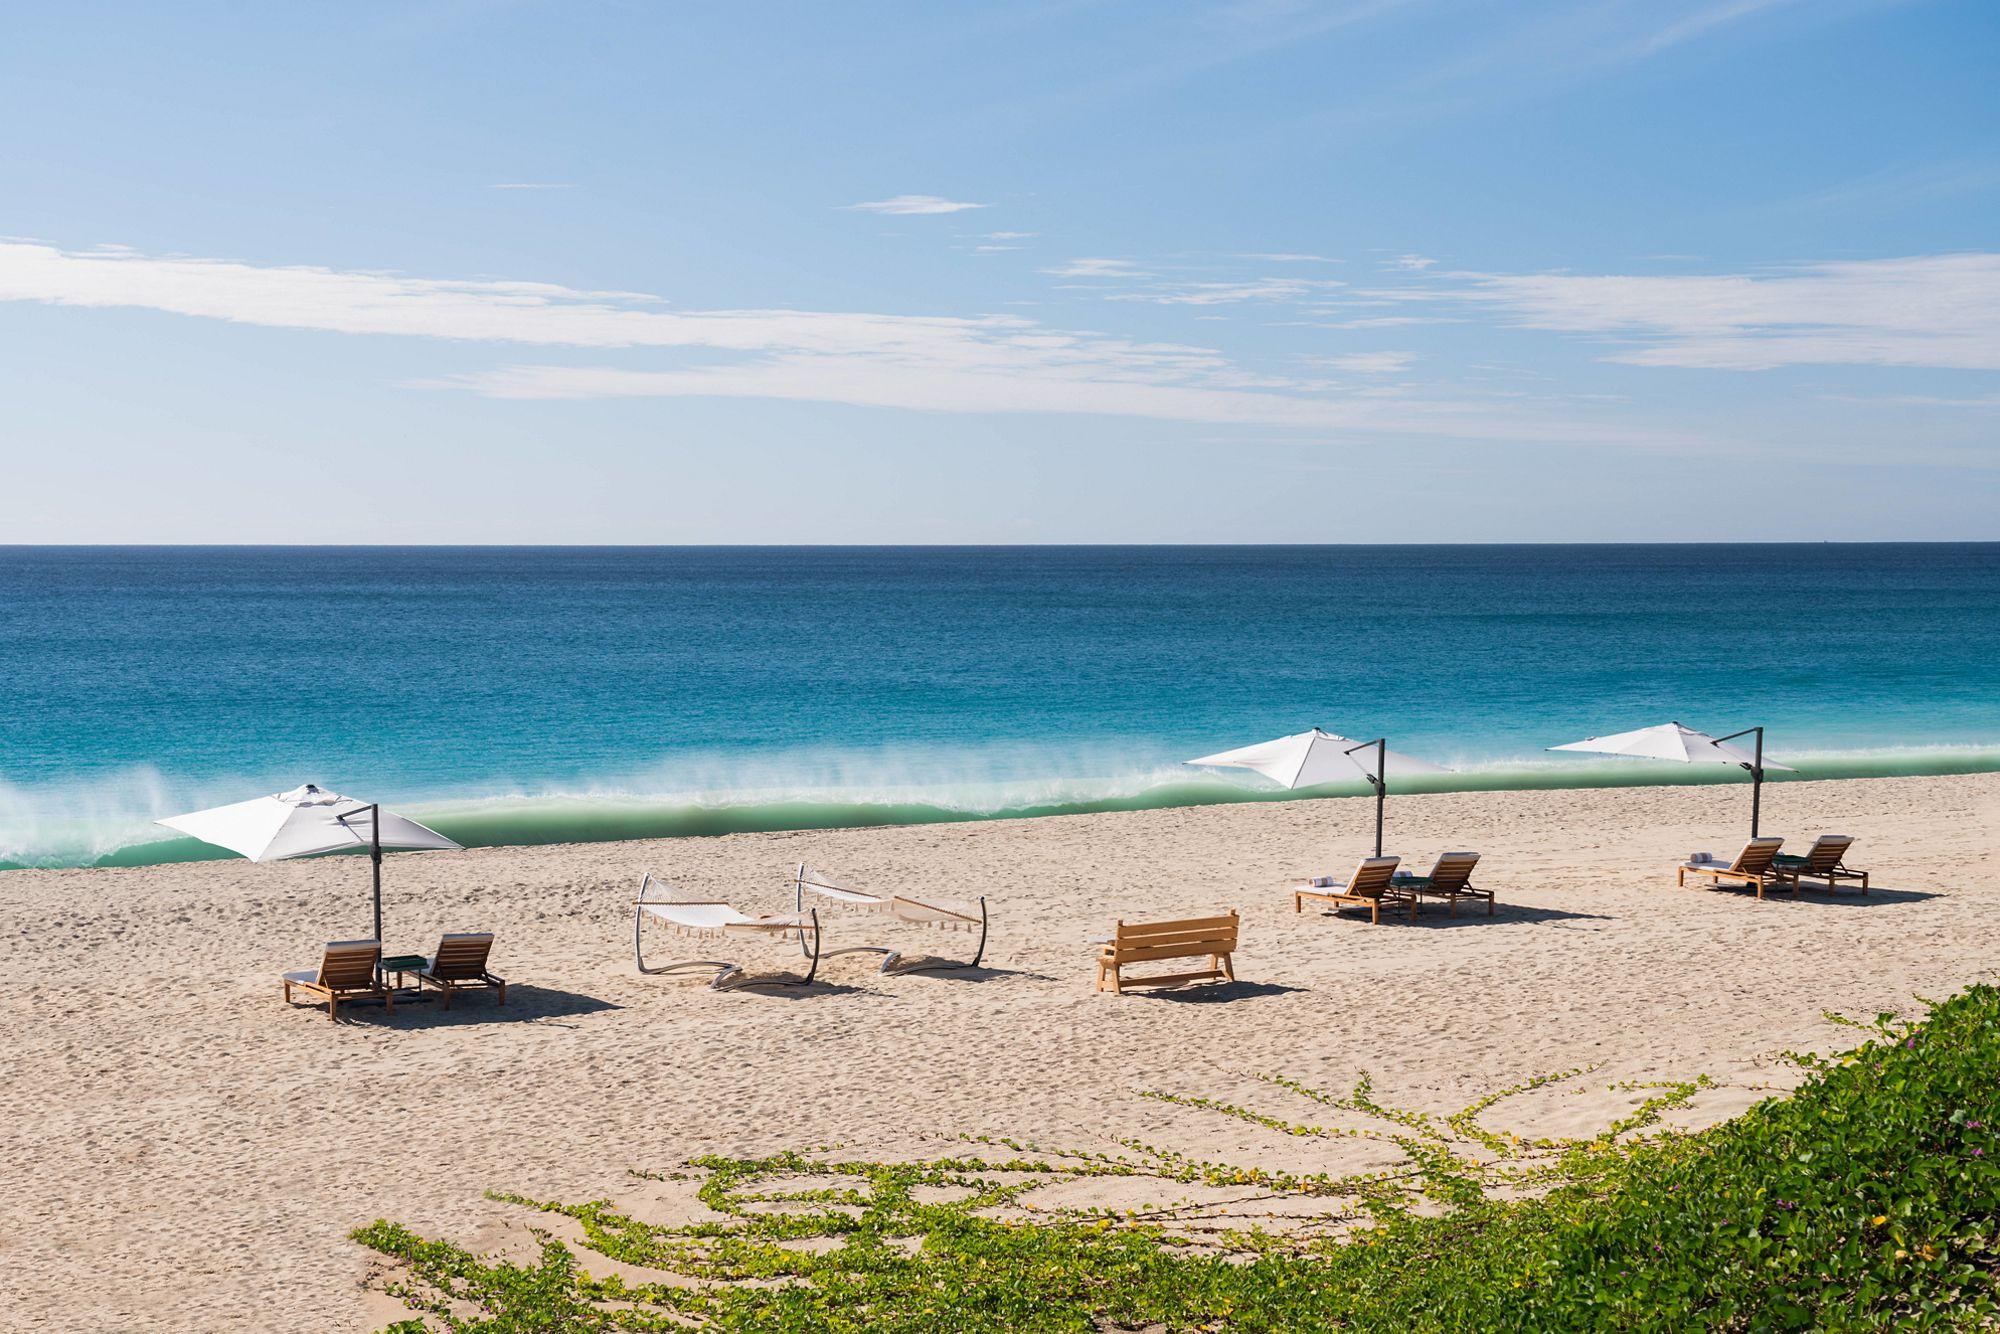 Beach chairs in front of a blue Caribbean sea at Ritz-Carlton Turks & Caicos